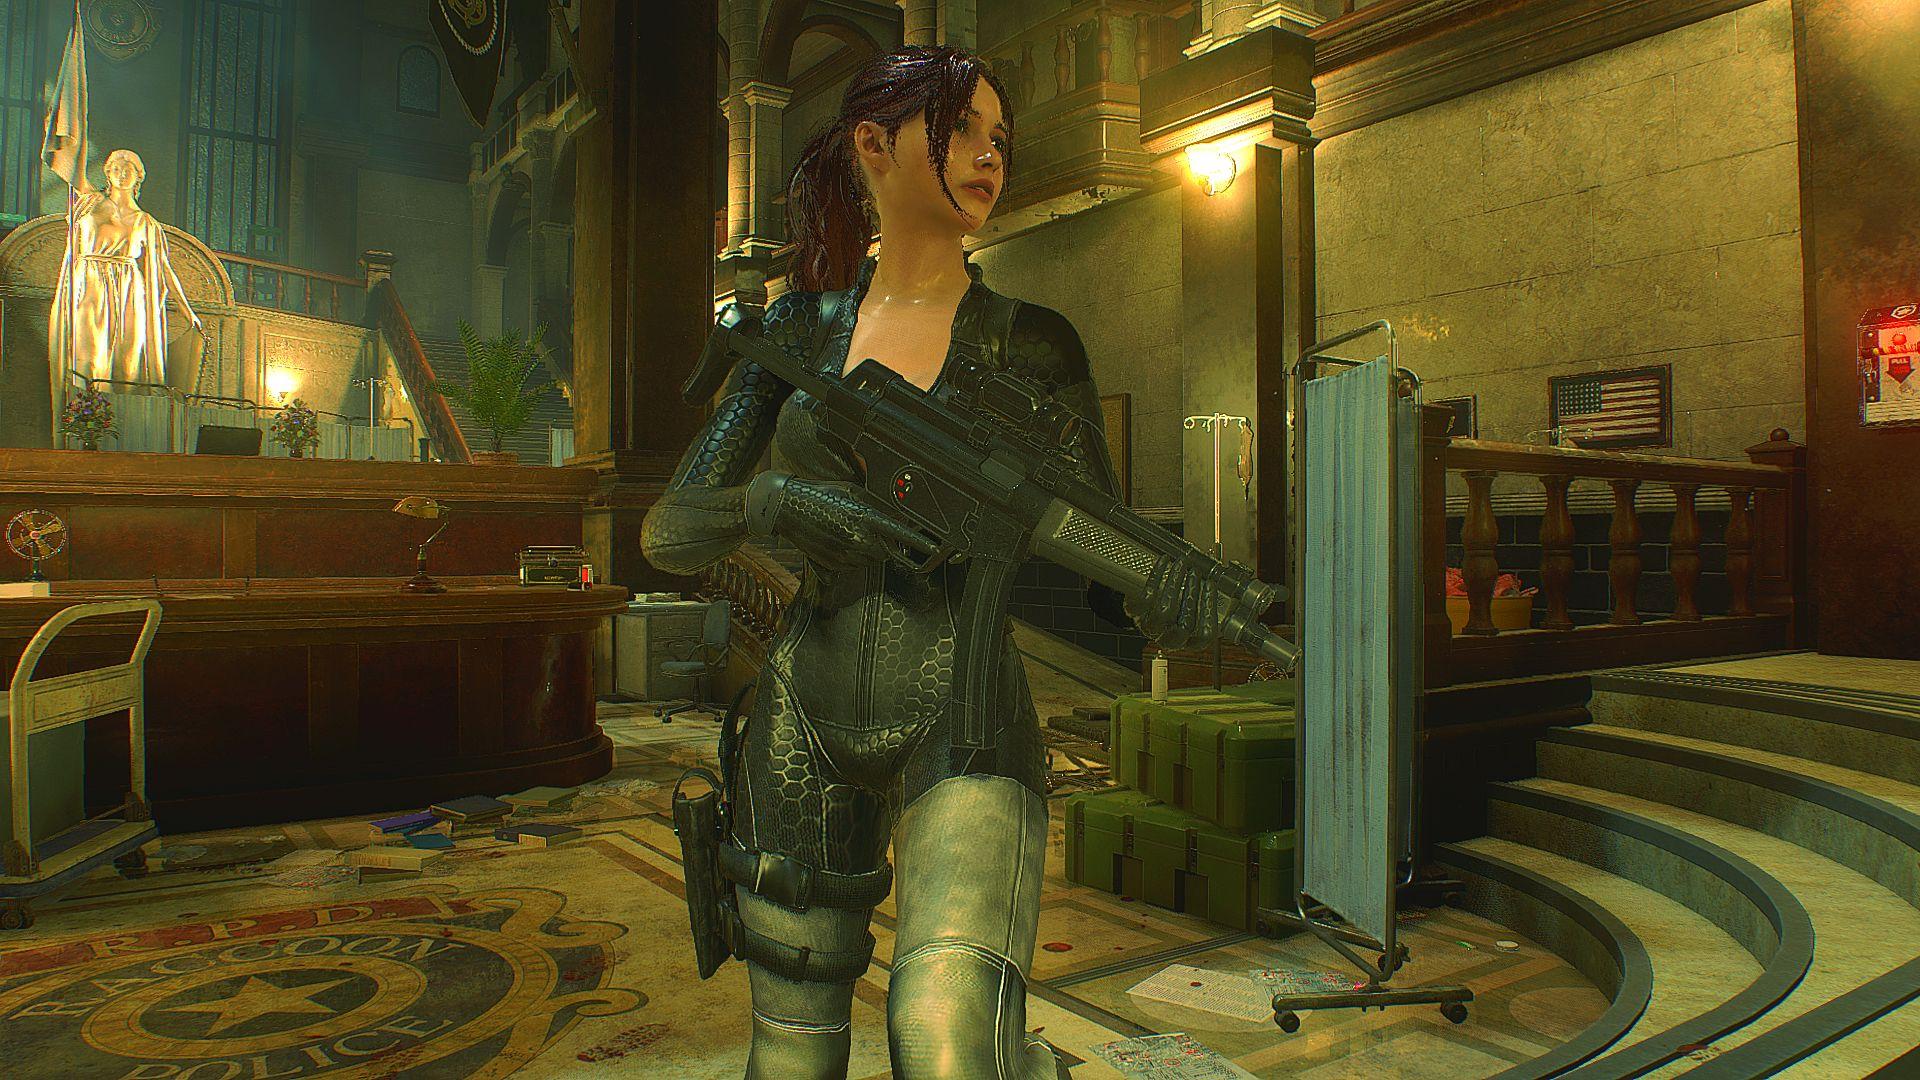 001319.Jpg - Resident Evil 2